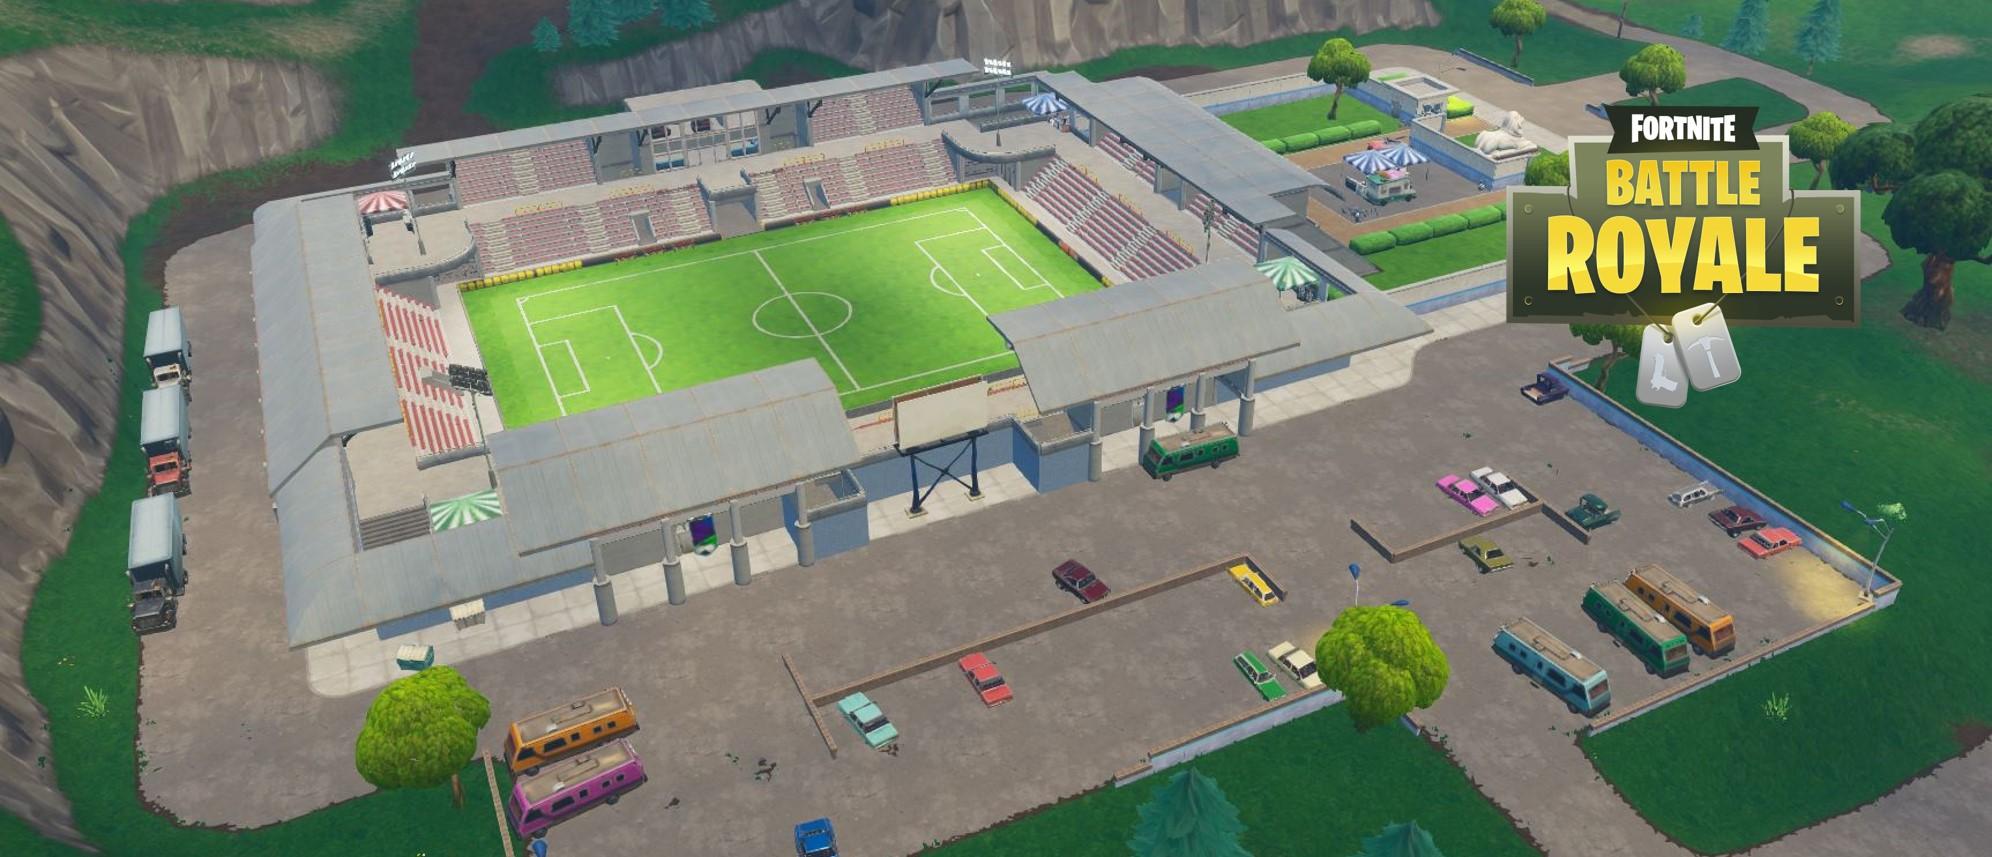 Fortnite: Karte zeigt alle Fußballfelder – Auf Fußball-Plätzen Tore schießen